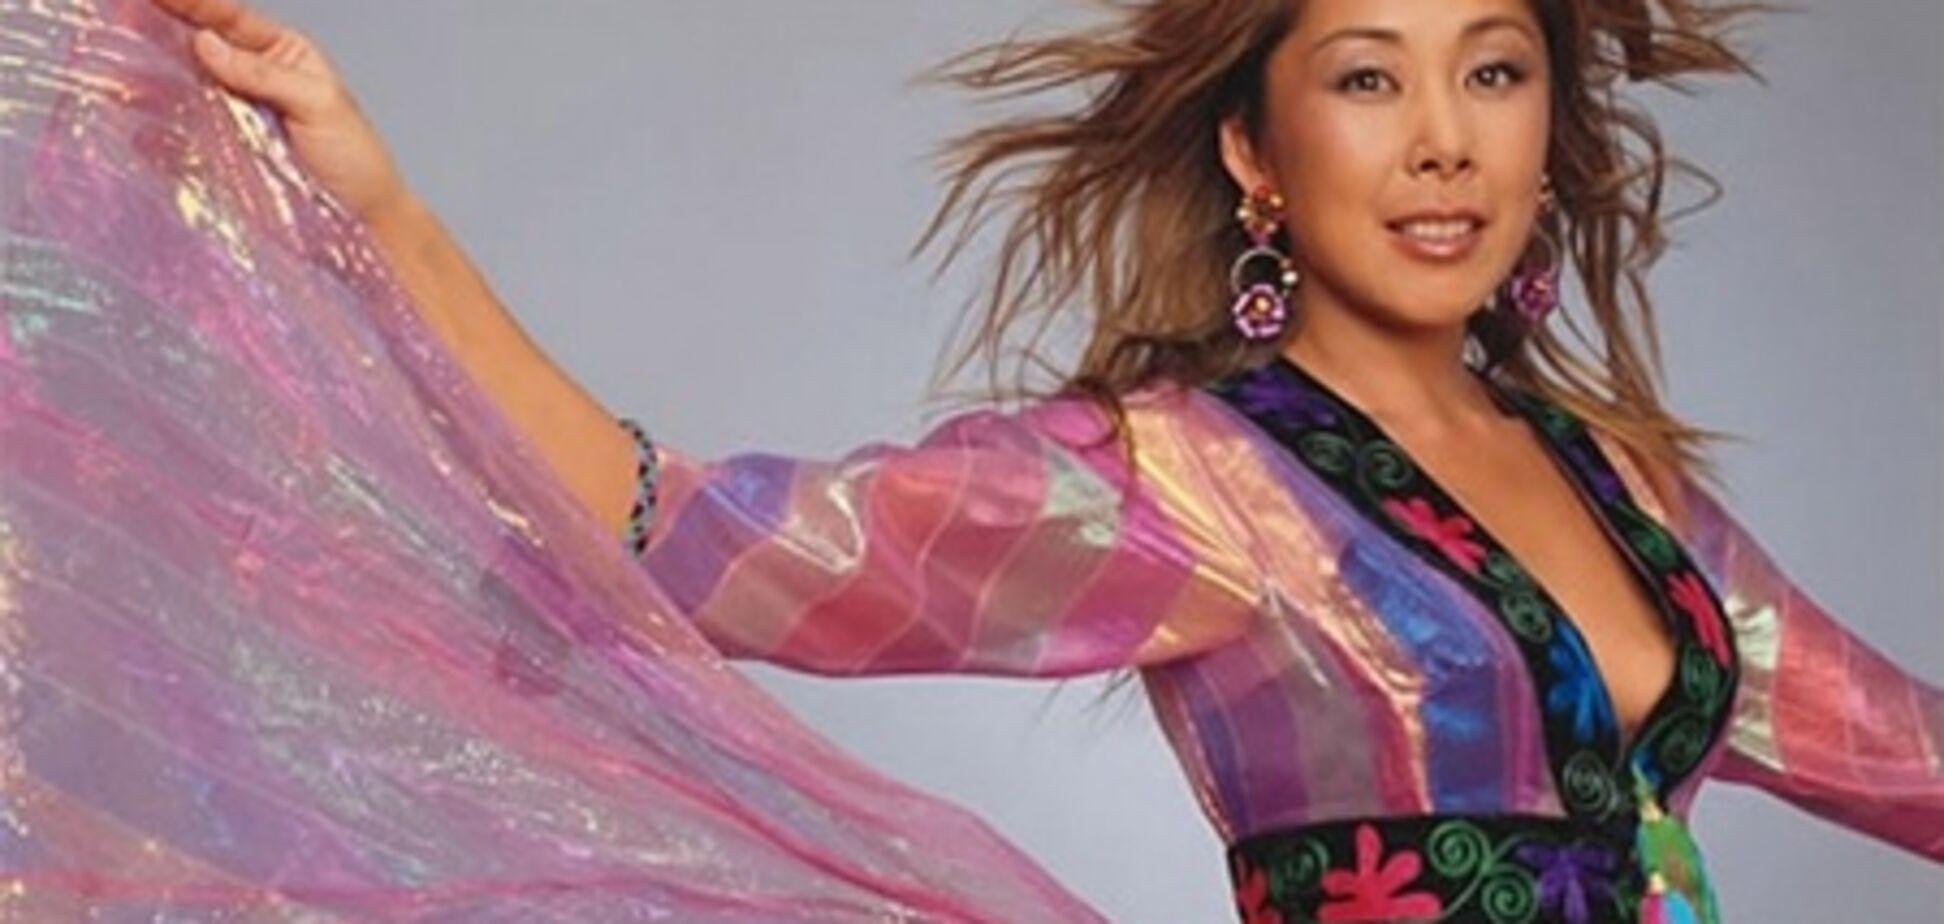 Анита Цой оставила карьеру ради мужа?